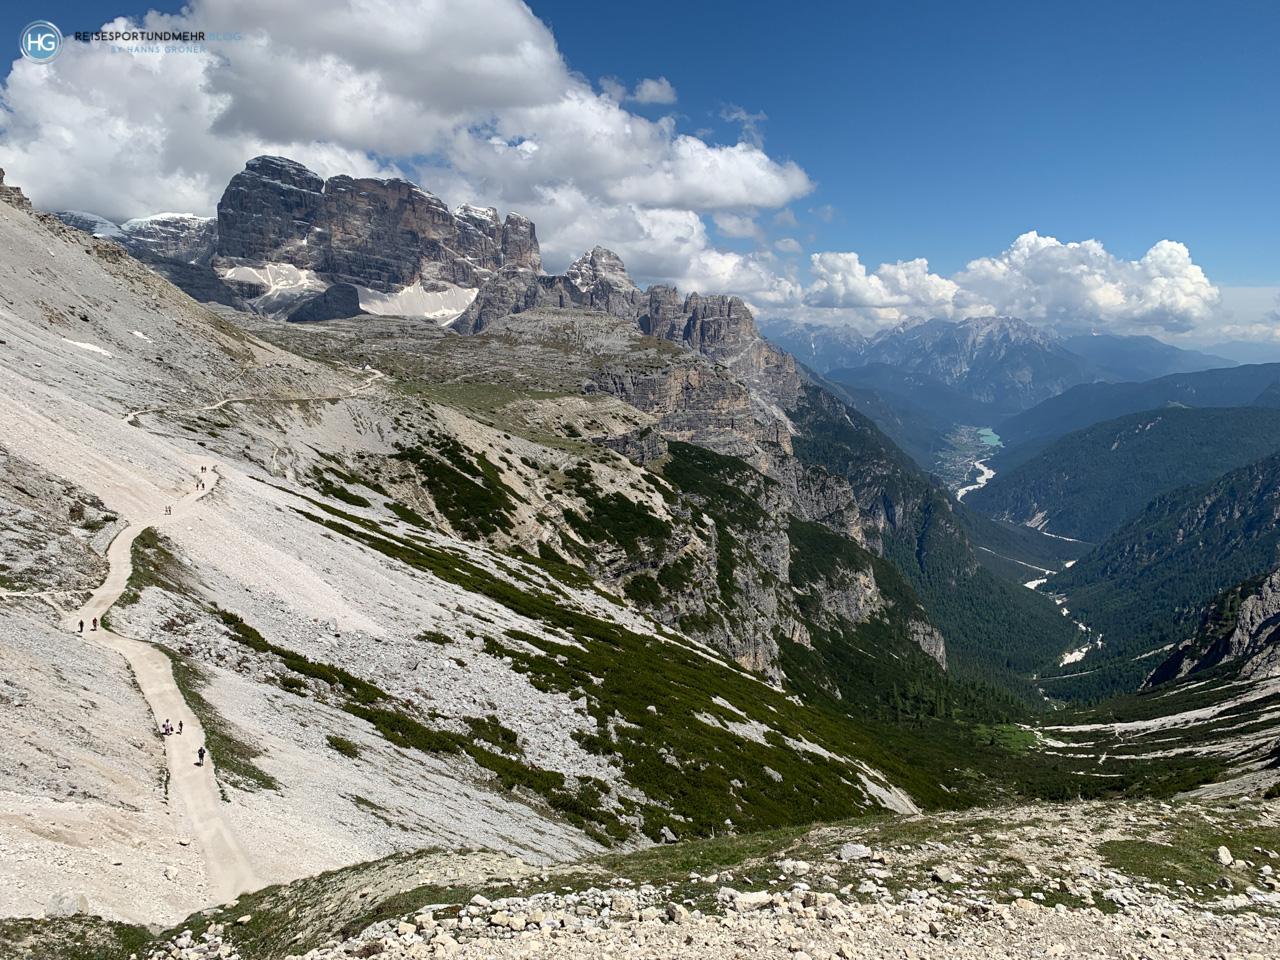 Dolomiten 2020 - Drei Zinnen - Rifugio Auronzo (Foto: Hanns Gröner)